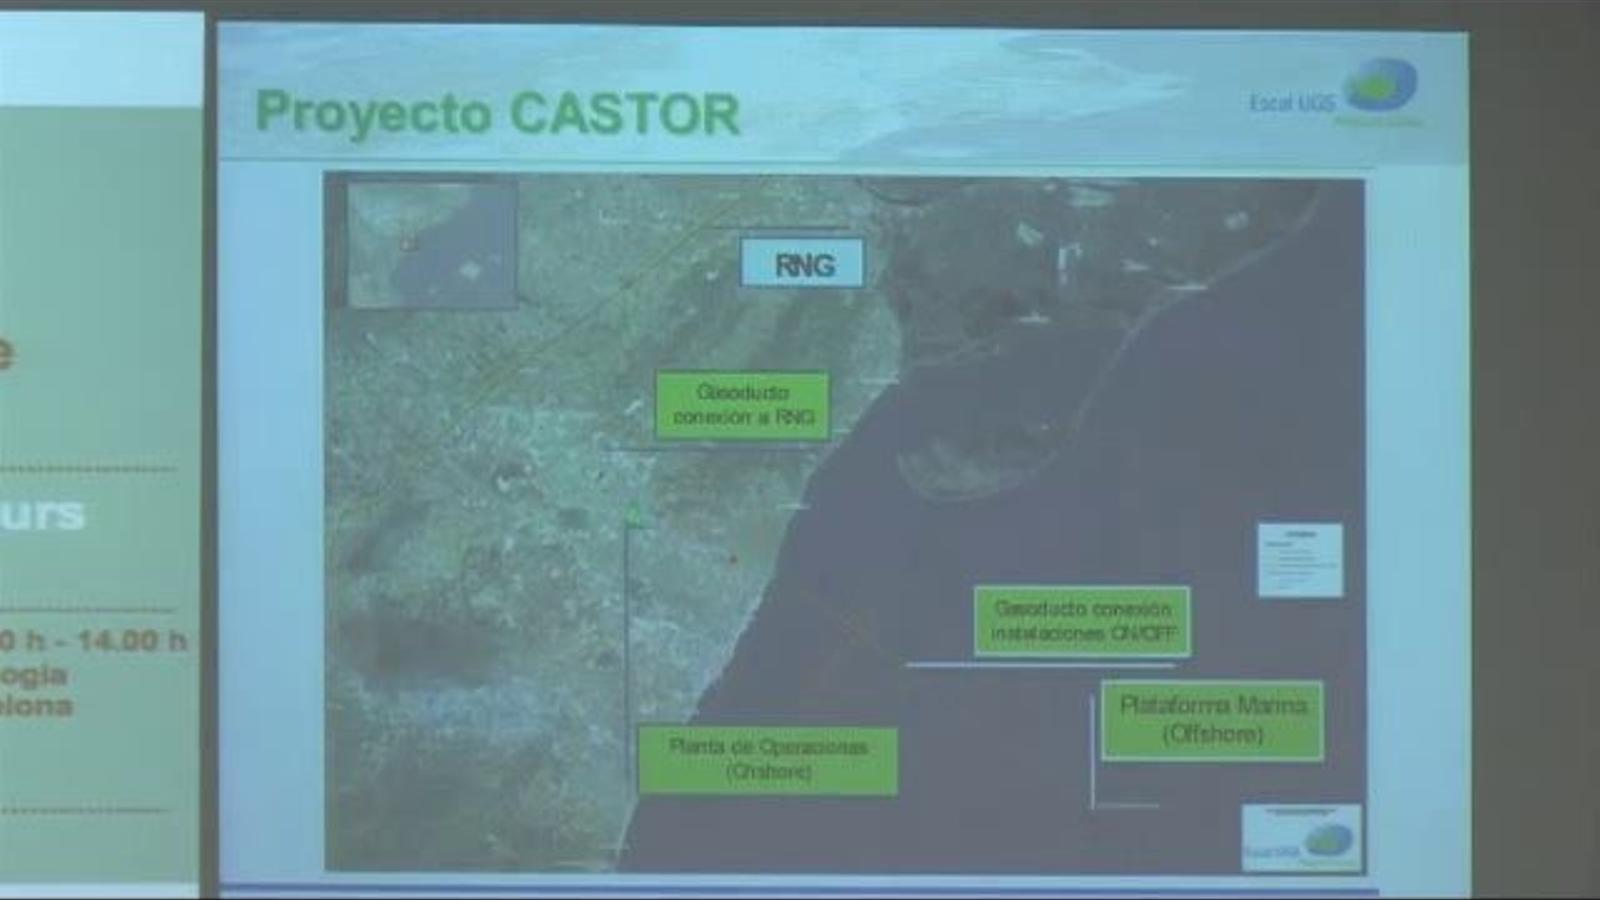 El president del magatzem de gas Castor va admetre al maig del 2013 que es va voler instal·lar a Catalunya